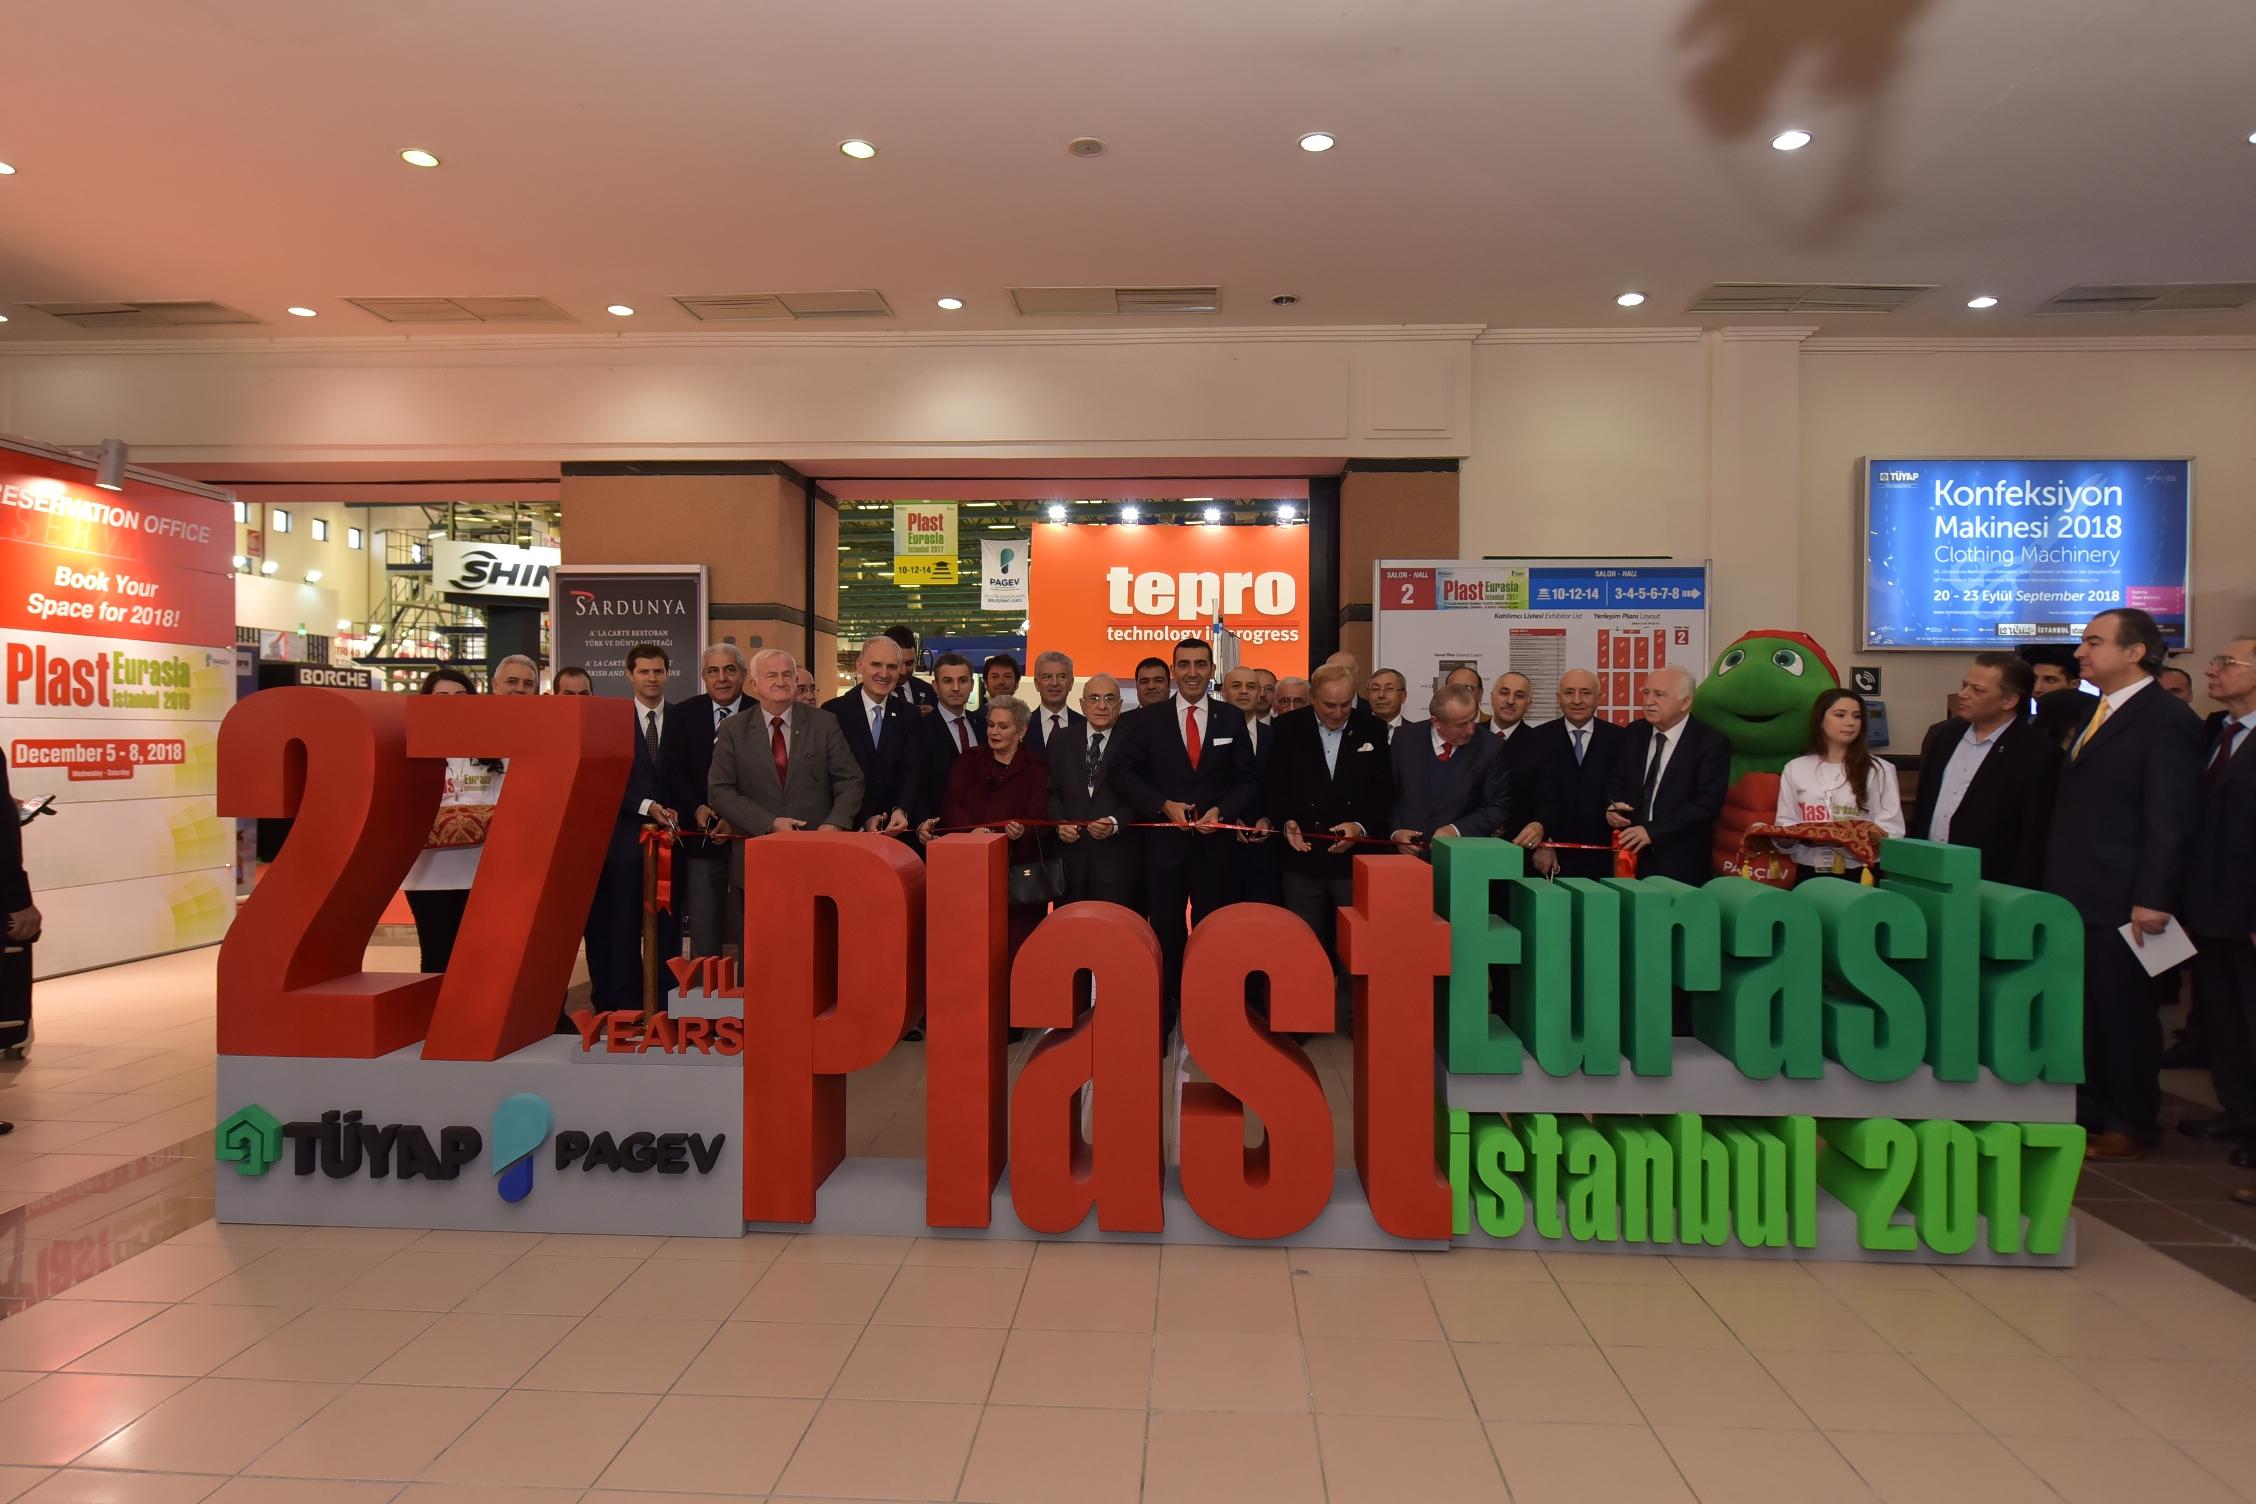 Bugün 8,9 milyon tonluk üretim kapasitesi ile Avrupa'nın ikinci, dünyanın ise altıncı büyük üreticisi olan Türk plastik endüstrisi 27. PlastEurasia Fuarı'nın açılışını TÜYAP Fuar ve Kongre Merkezi'nde gerçekleştirdi.